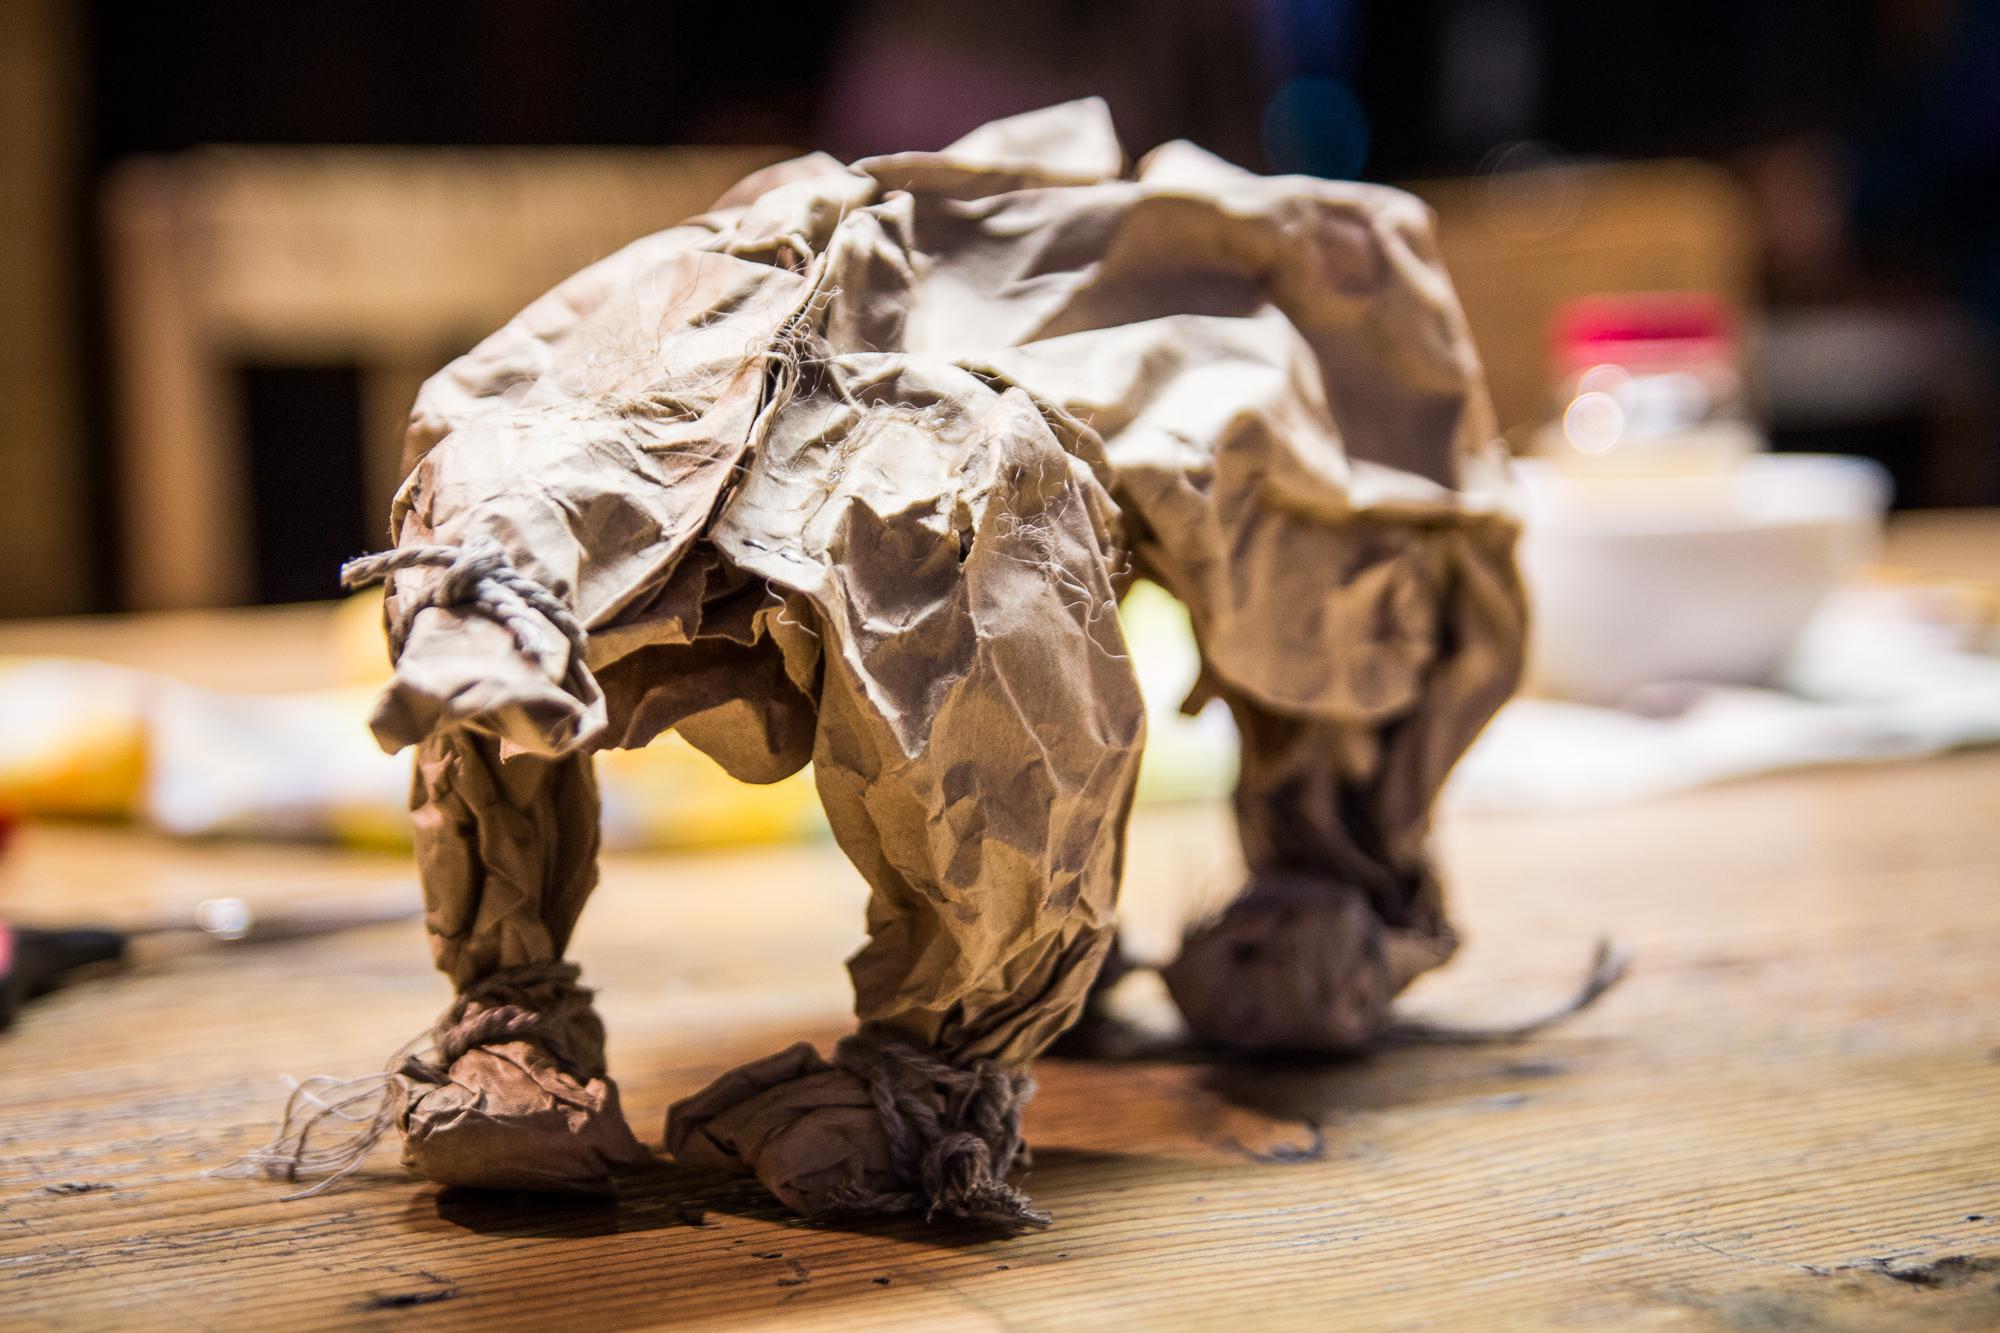 Papīra Objektu Festivāls Via @Atisgailis